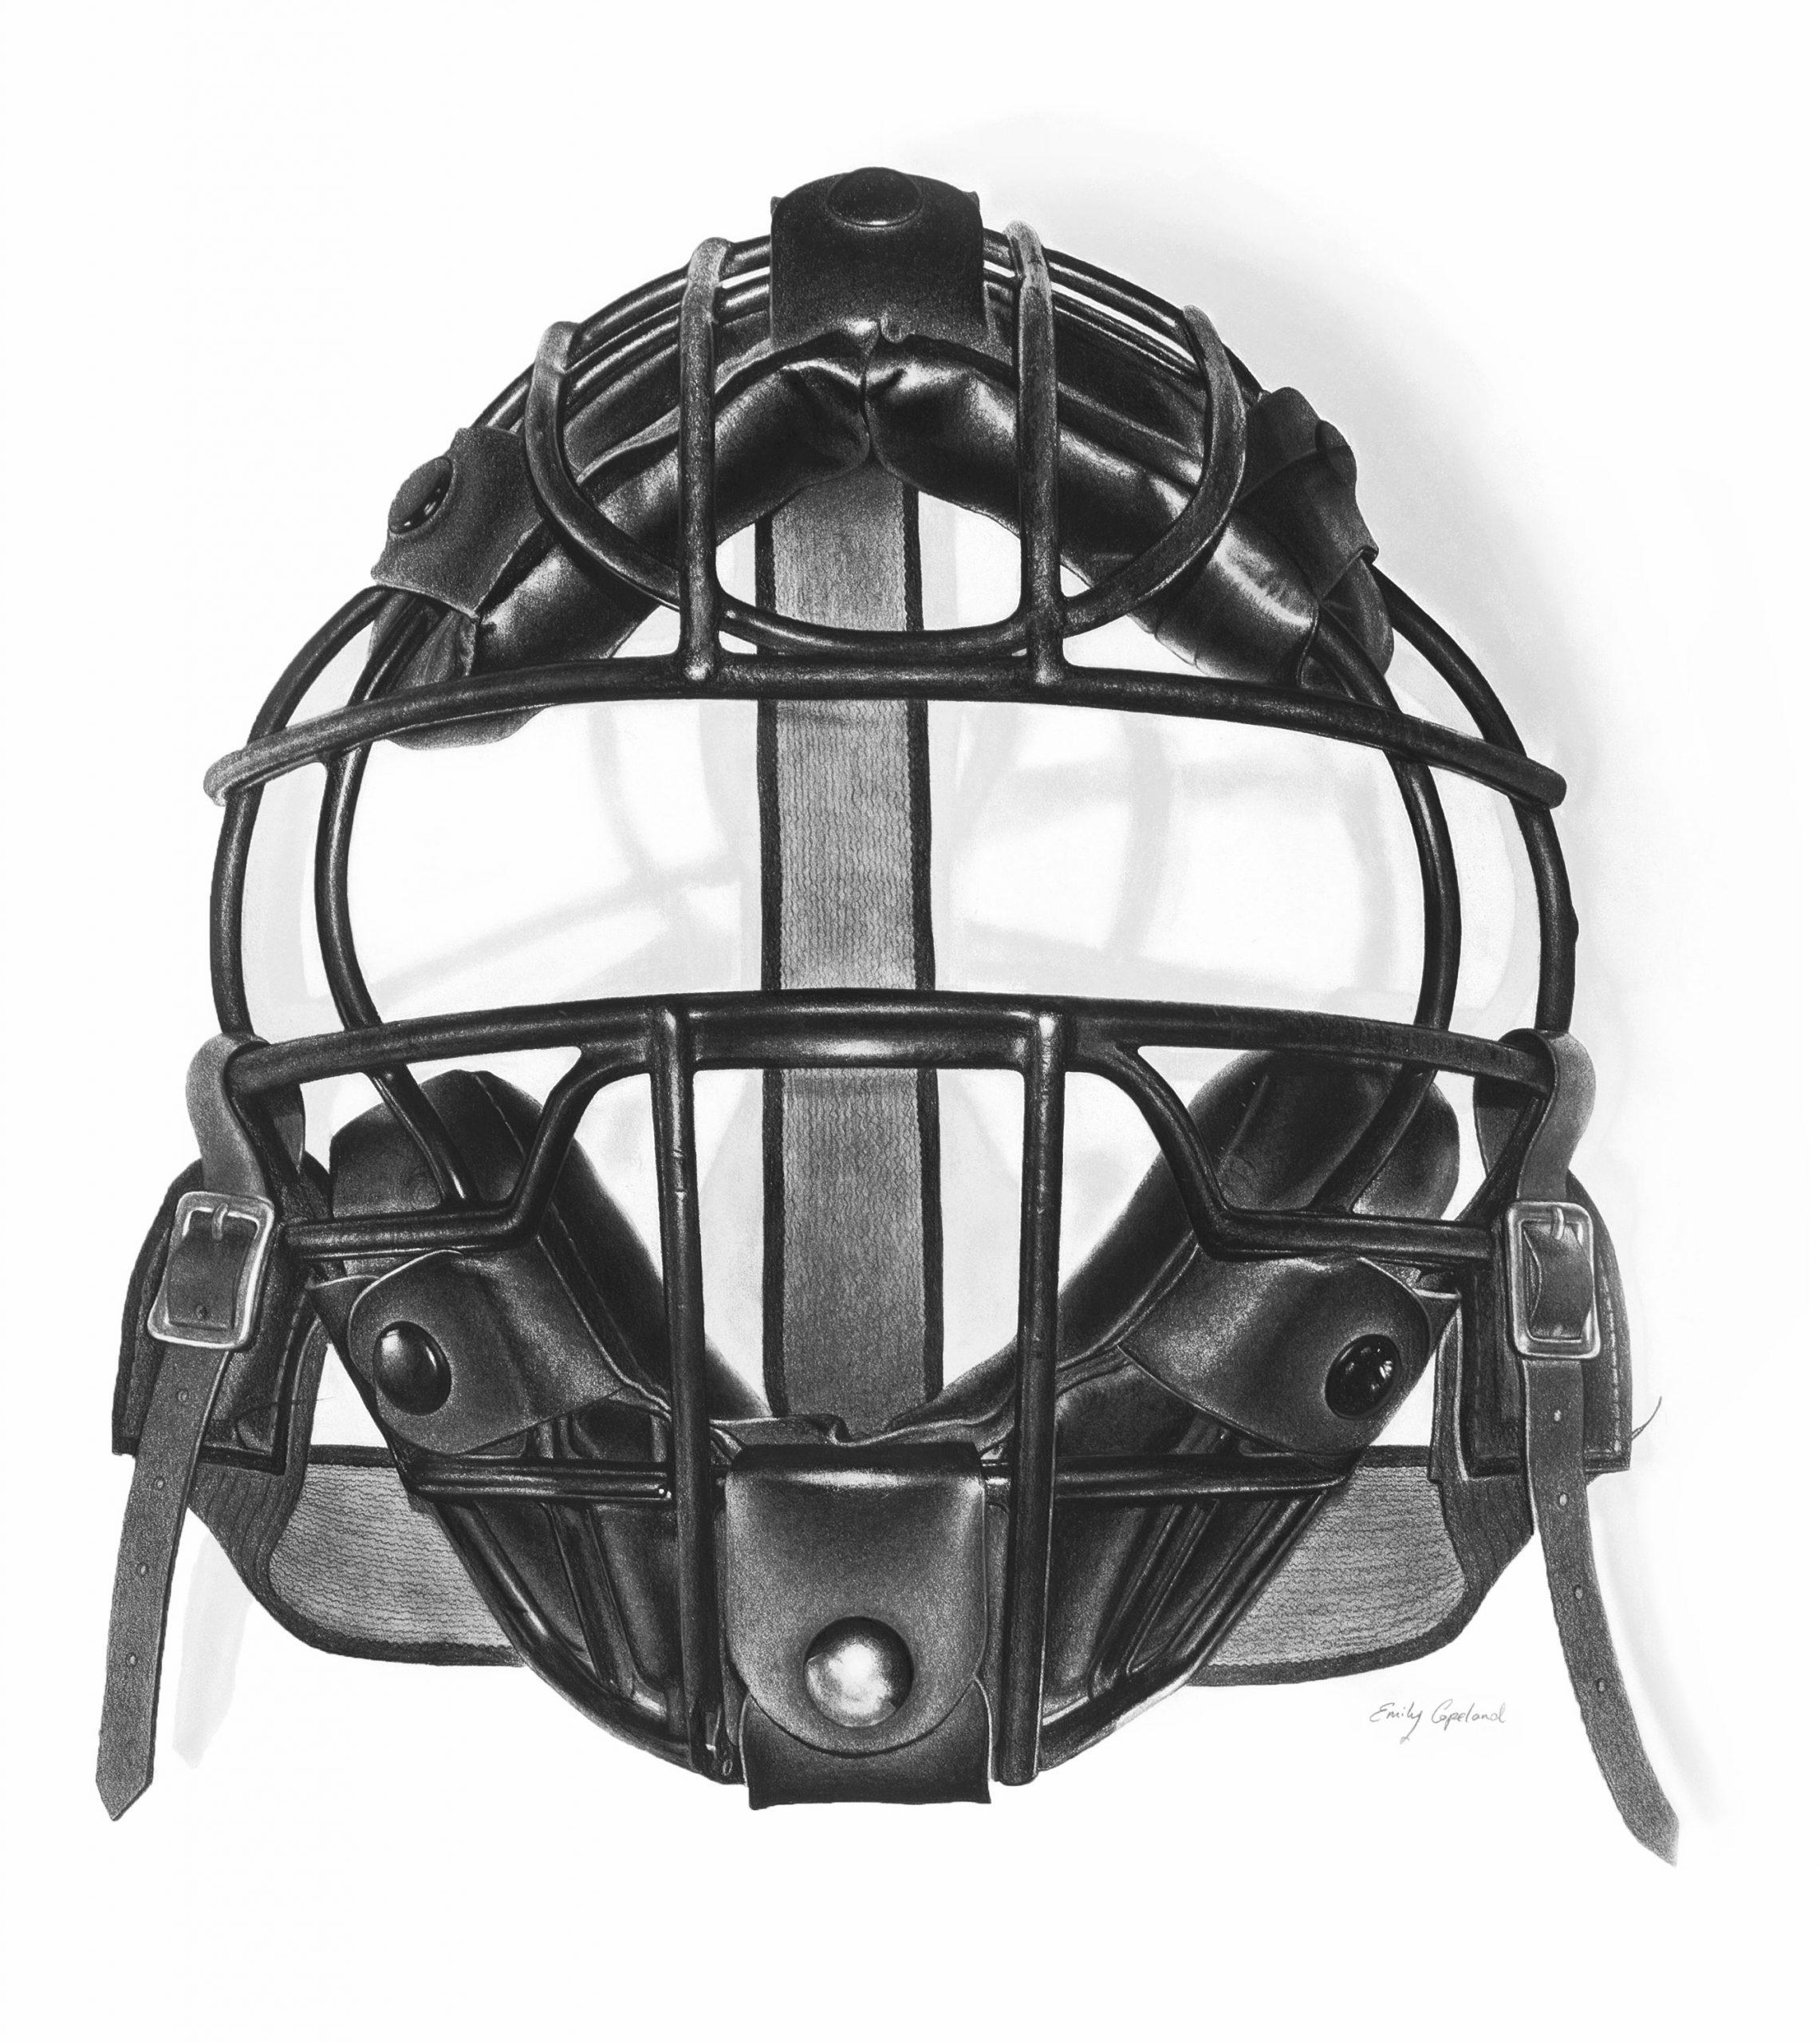 Vintage Baseball Catchers Mask – Emily Copeland